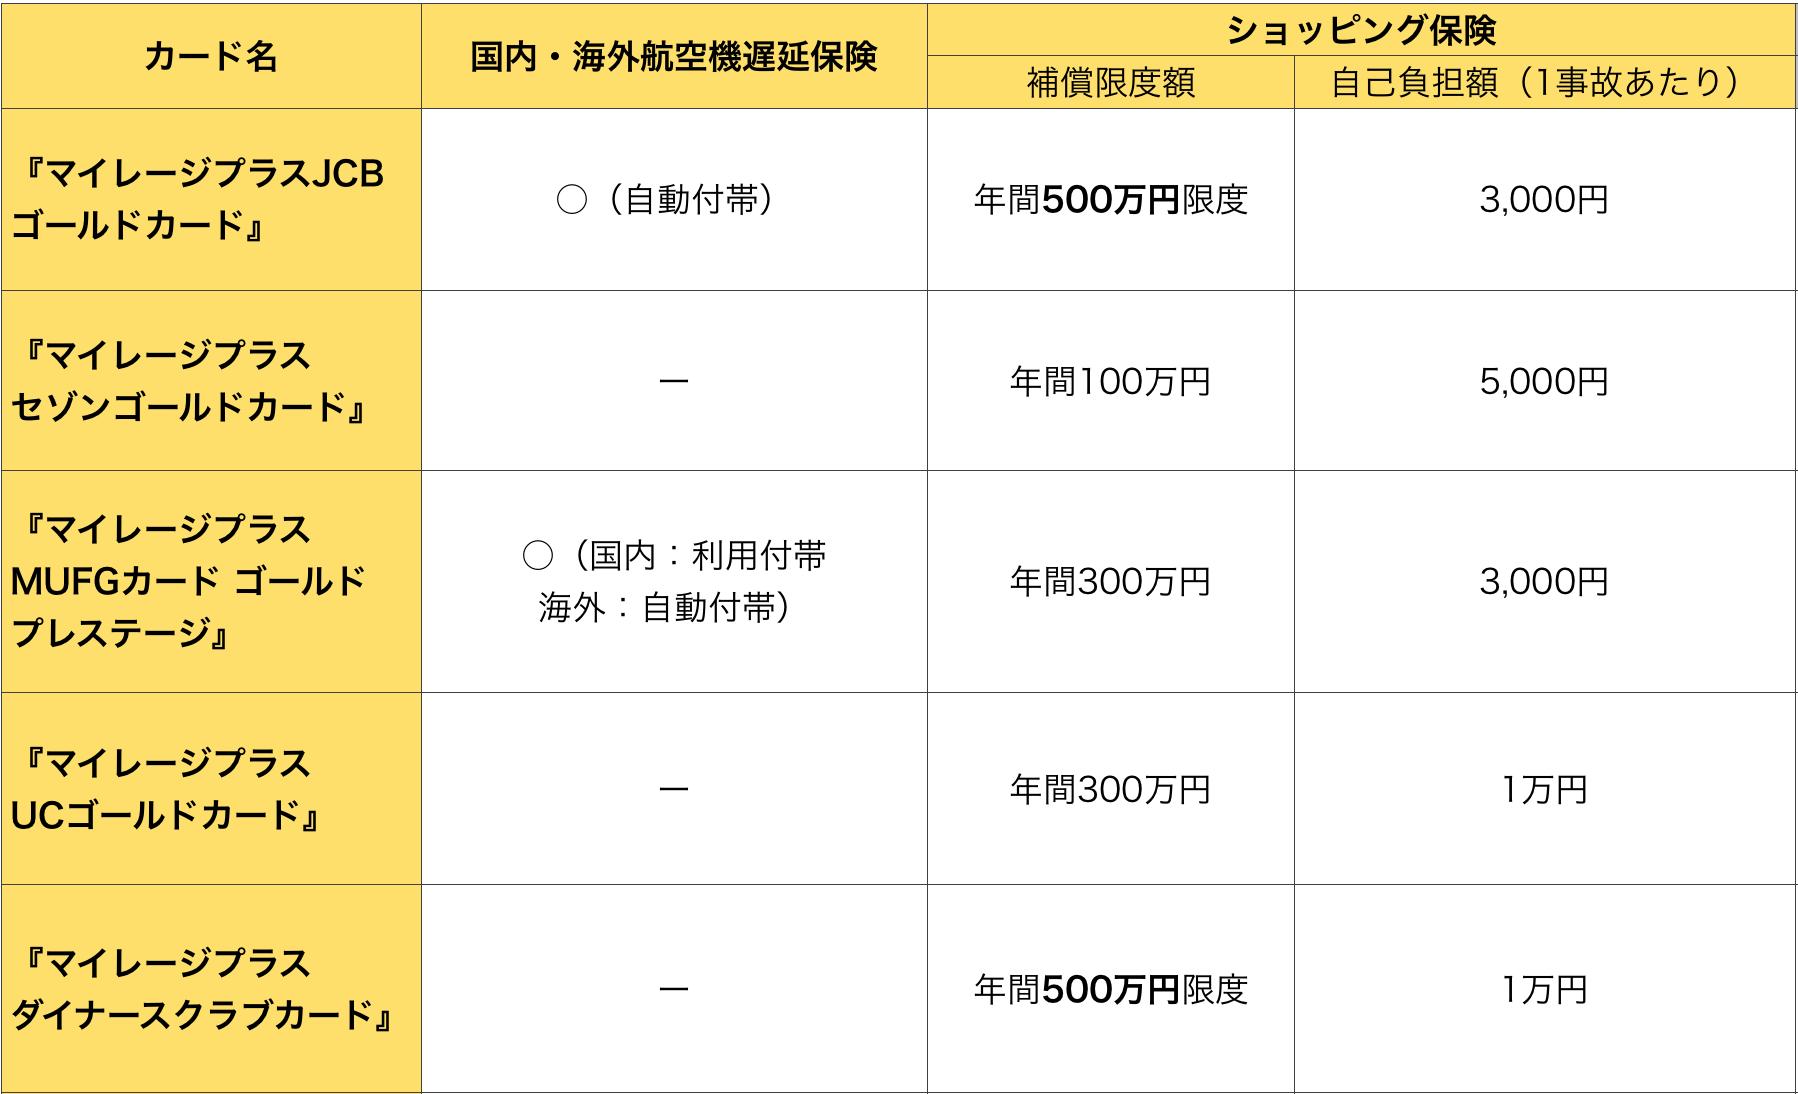 マイレージプラスゴールドカード その他保険3